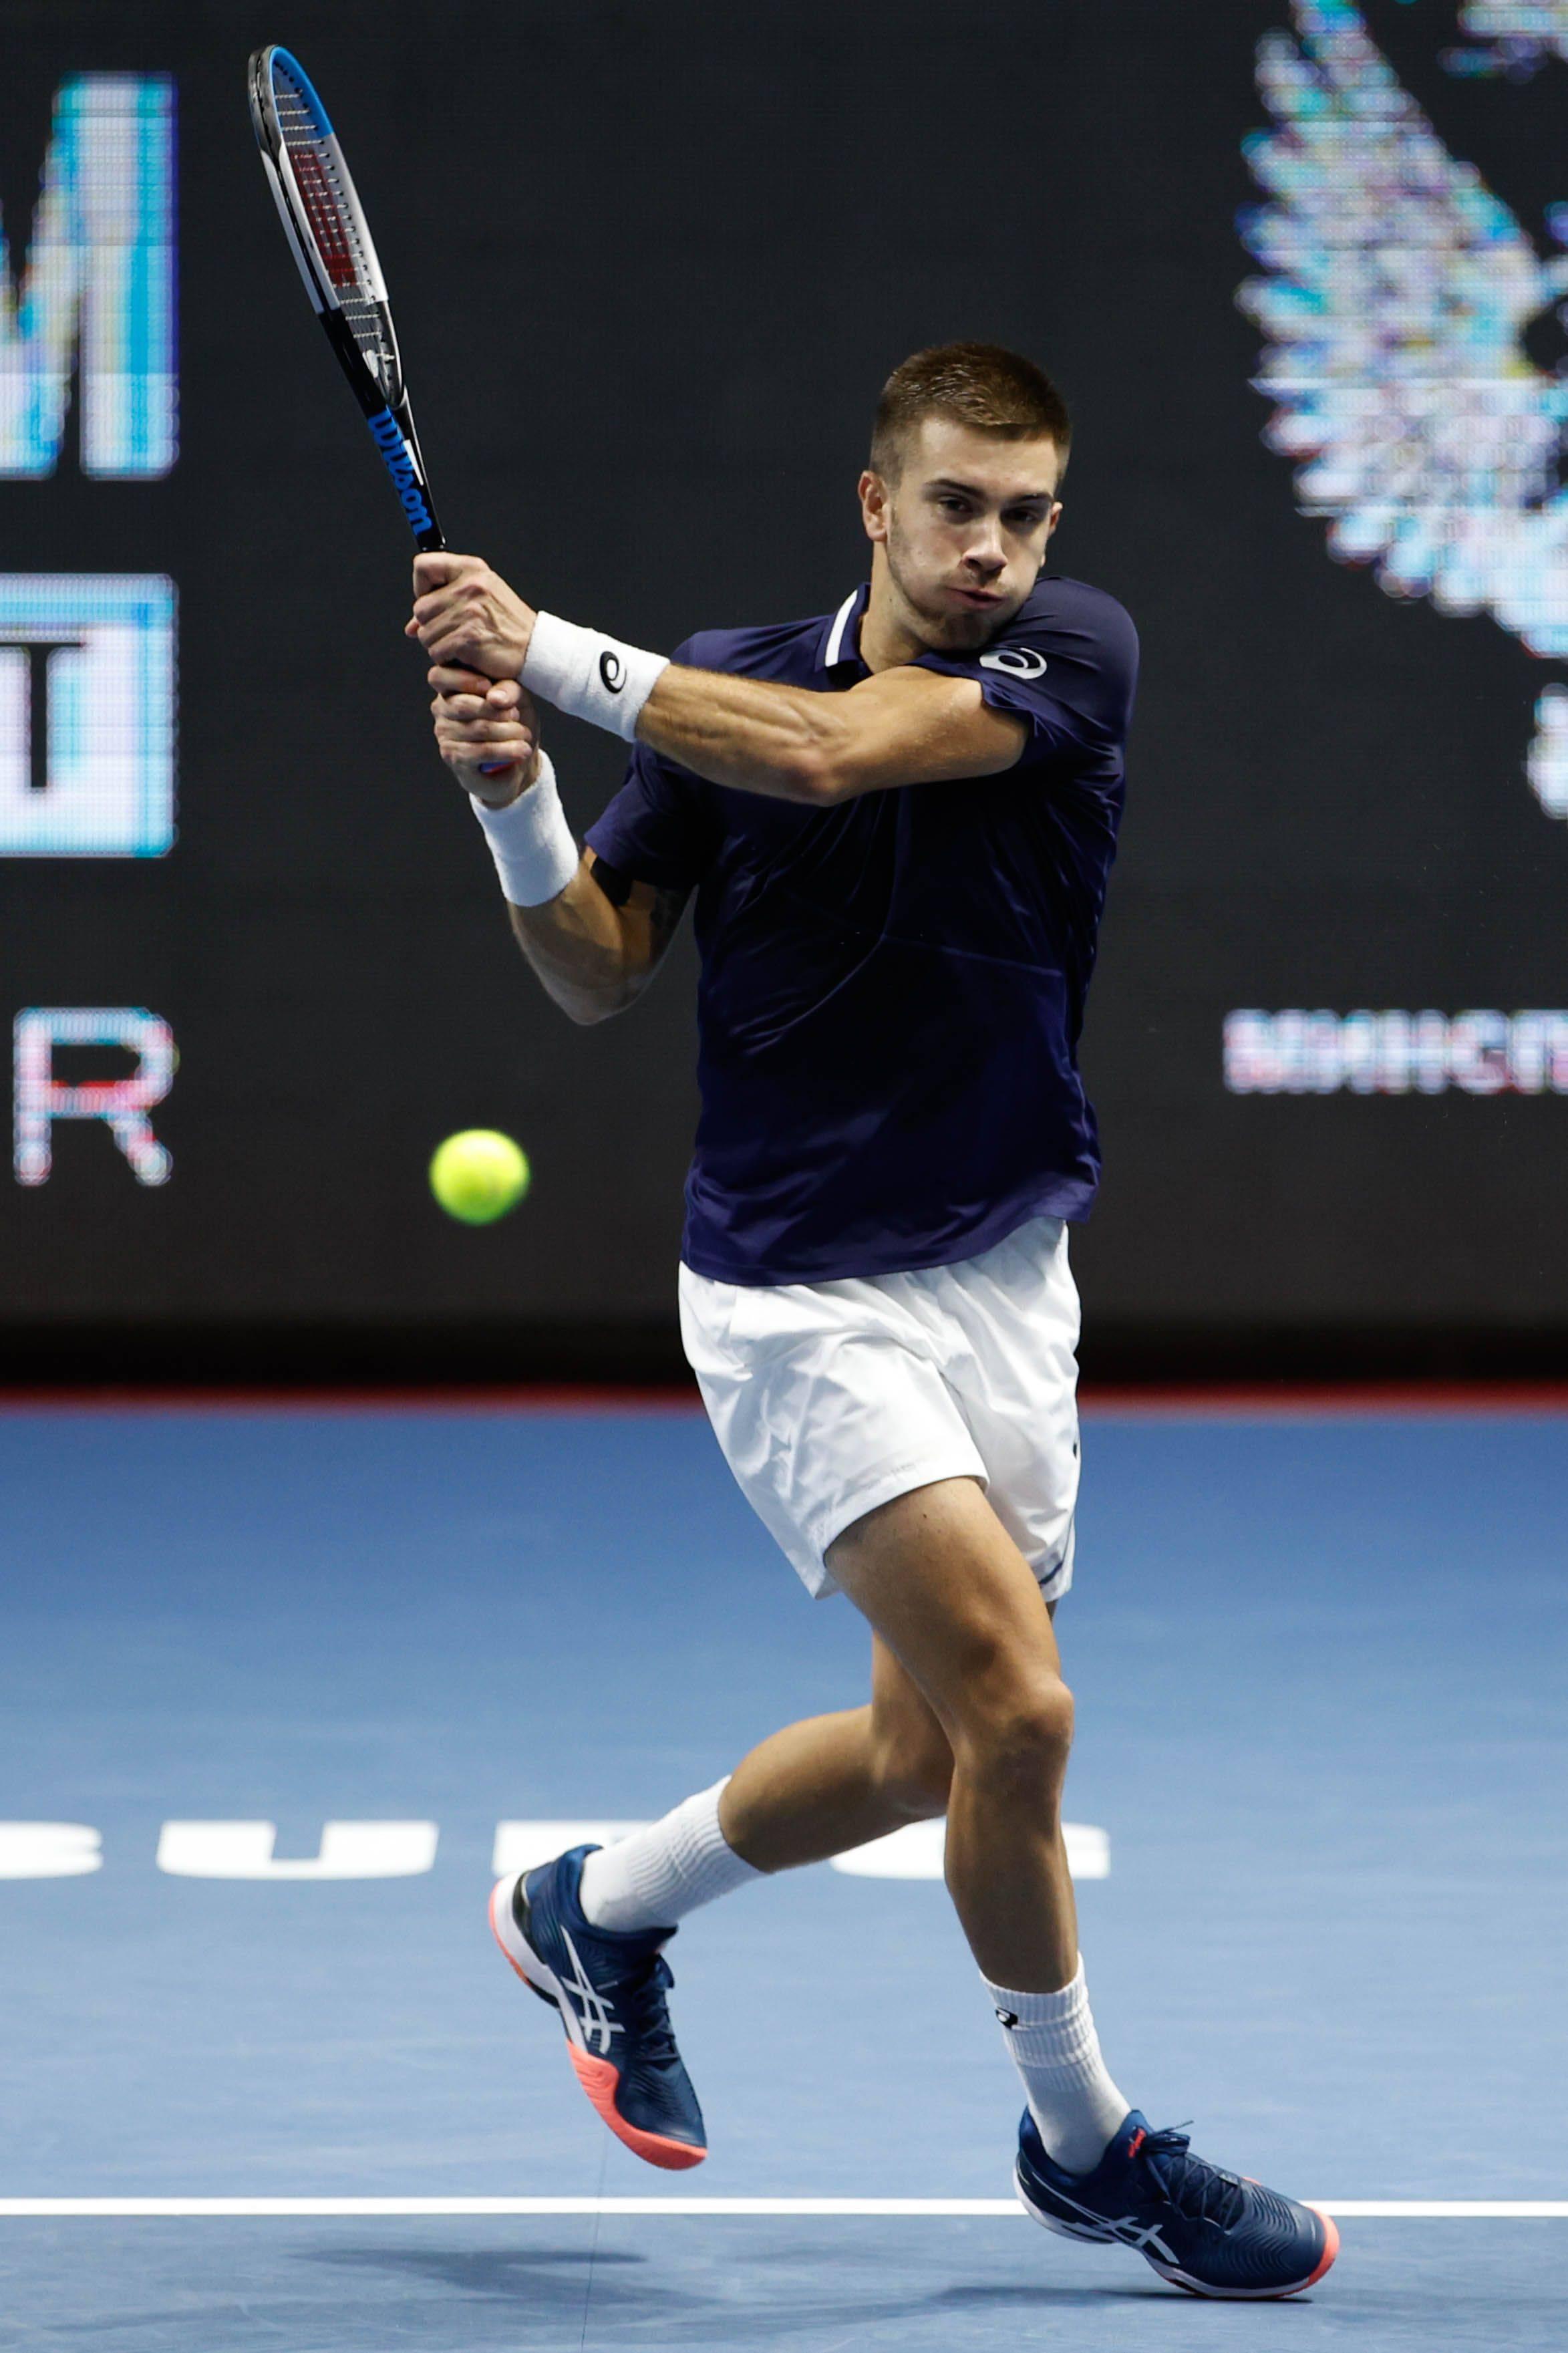 网球——圣彼得堡公开赛:乔里奇晋级半决赛